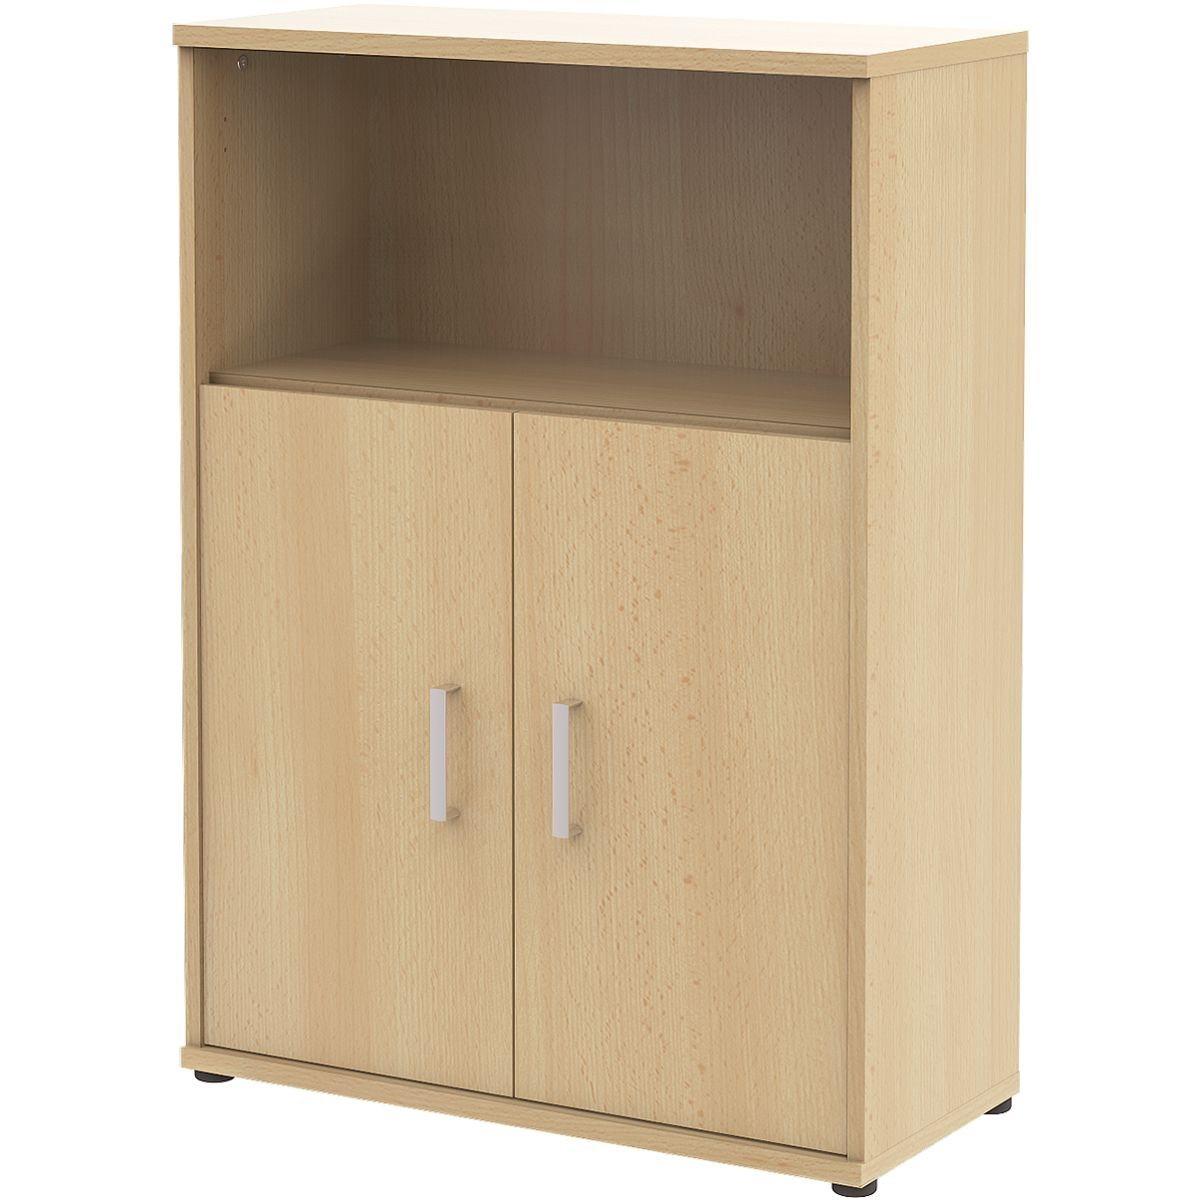 Wellemöbel Aktenschrank breit 3 OH mit 1 kleinem Türenpaar »Alto« | Büro > Büroschränke > Aktenschränke | Abs | Wellemöbel